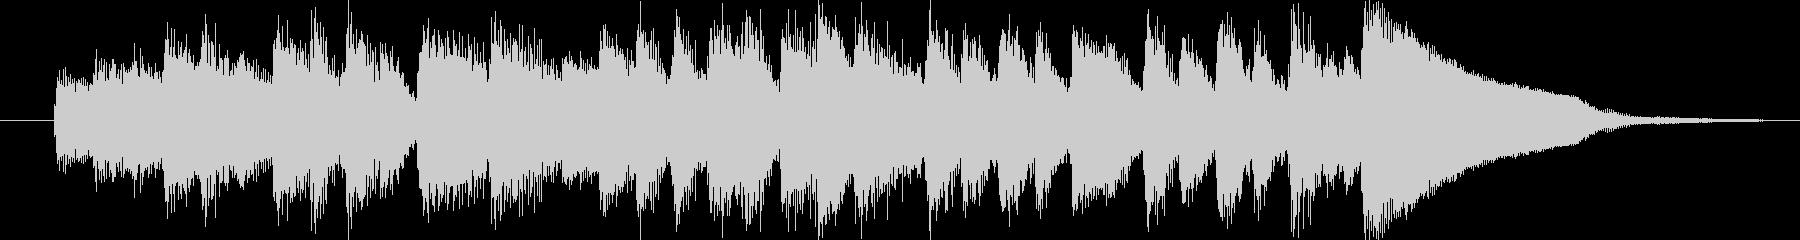 クラシック調のコミカルホラーなジングルの未再生の波形